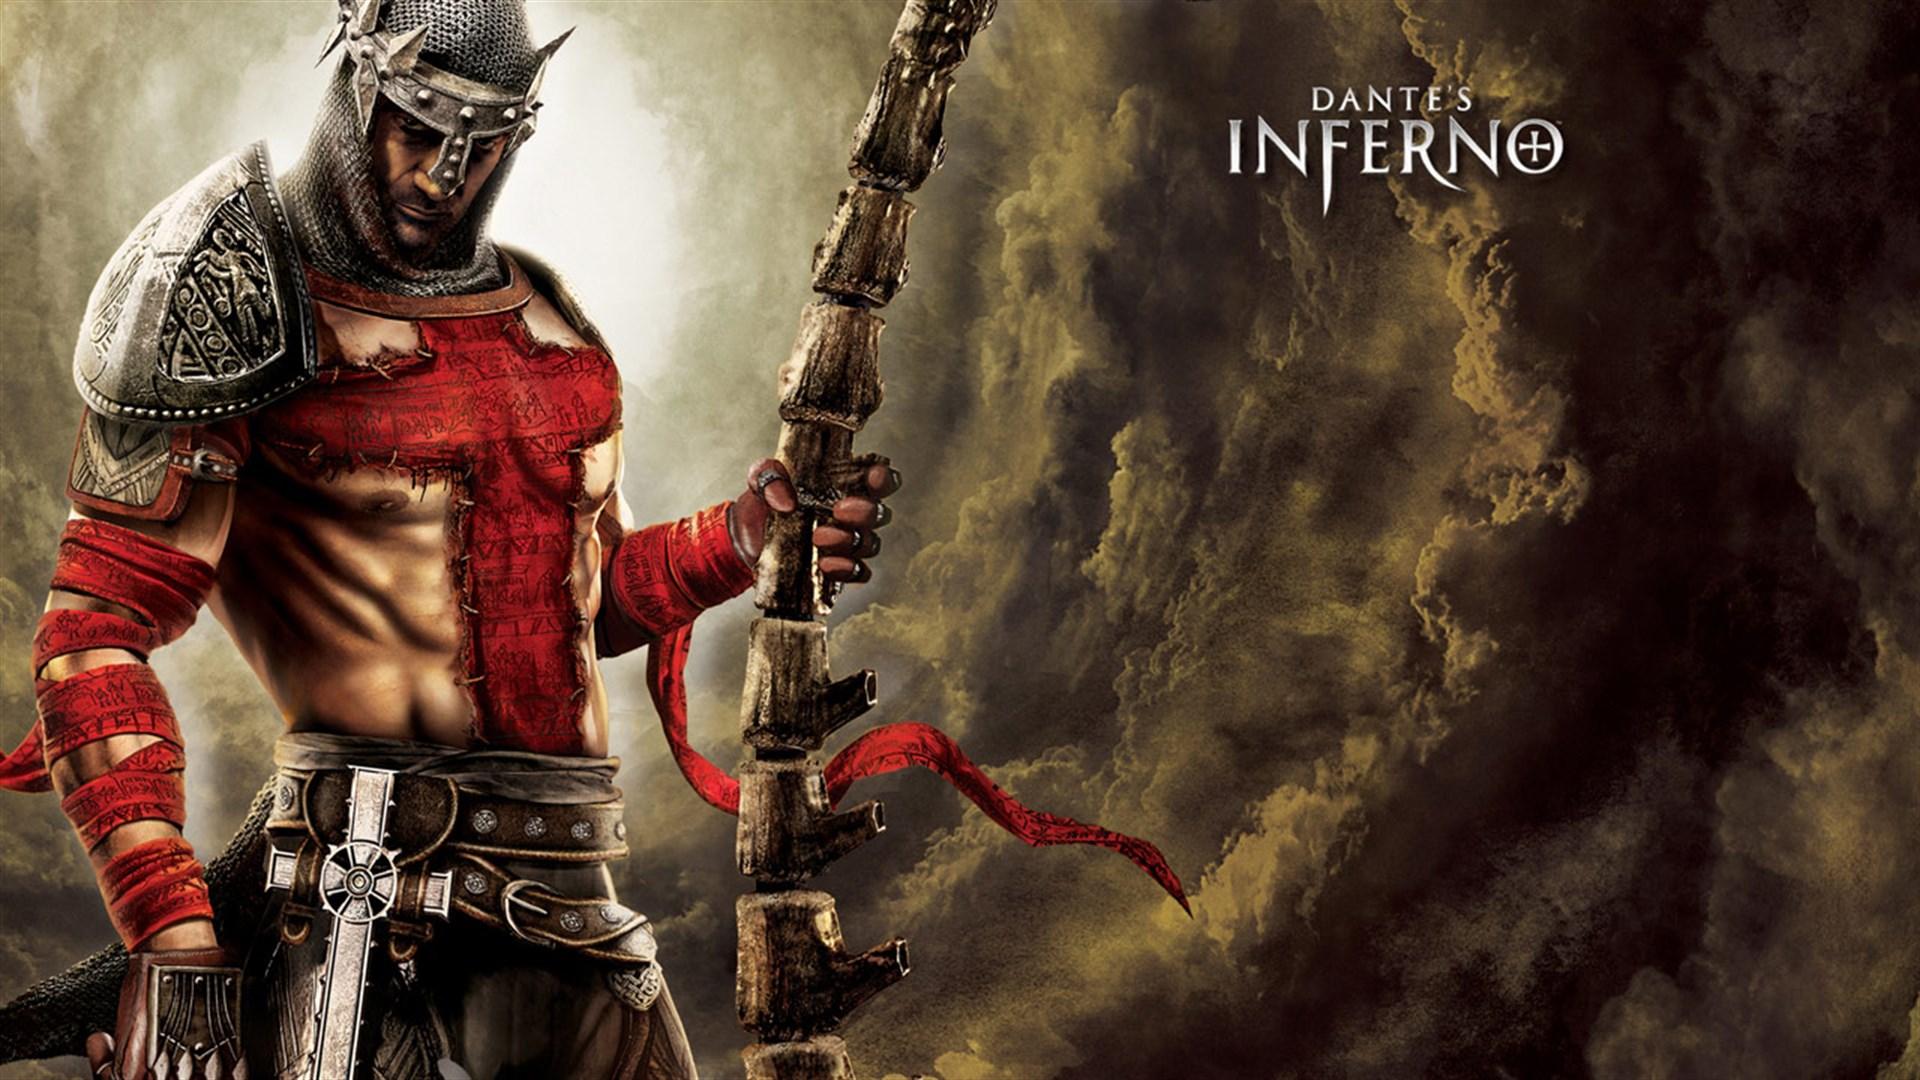 """apps.10730.65125427675965946.9a11f22d d015 4e5d 8fe2 d22c387be19c - Una serie che """"non s'ha da fare"""": """"Dante's Inferno"""" ispirata alla Divina Commedia"""